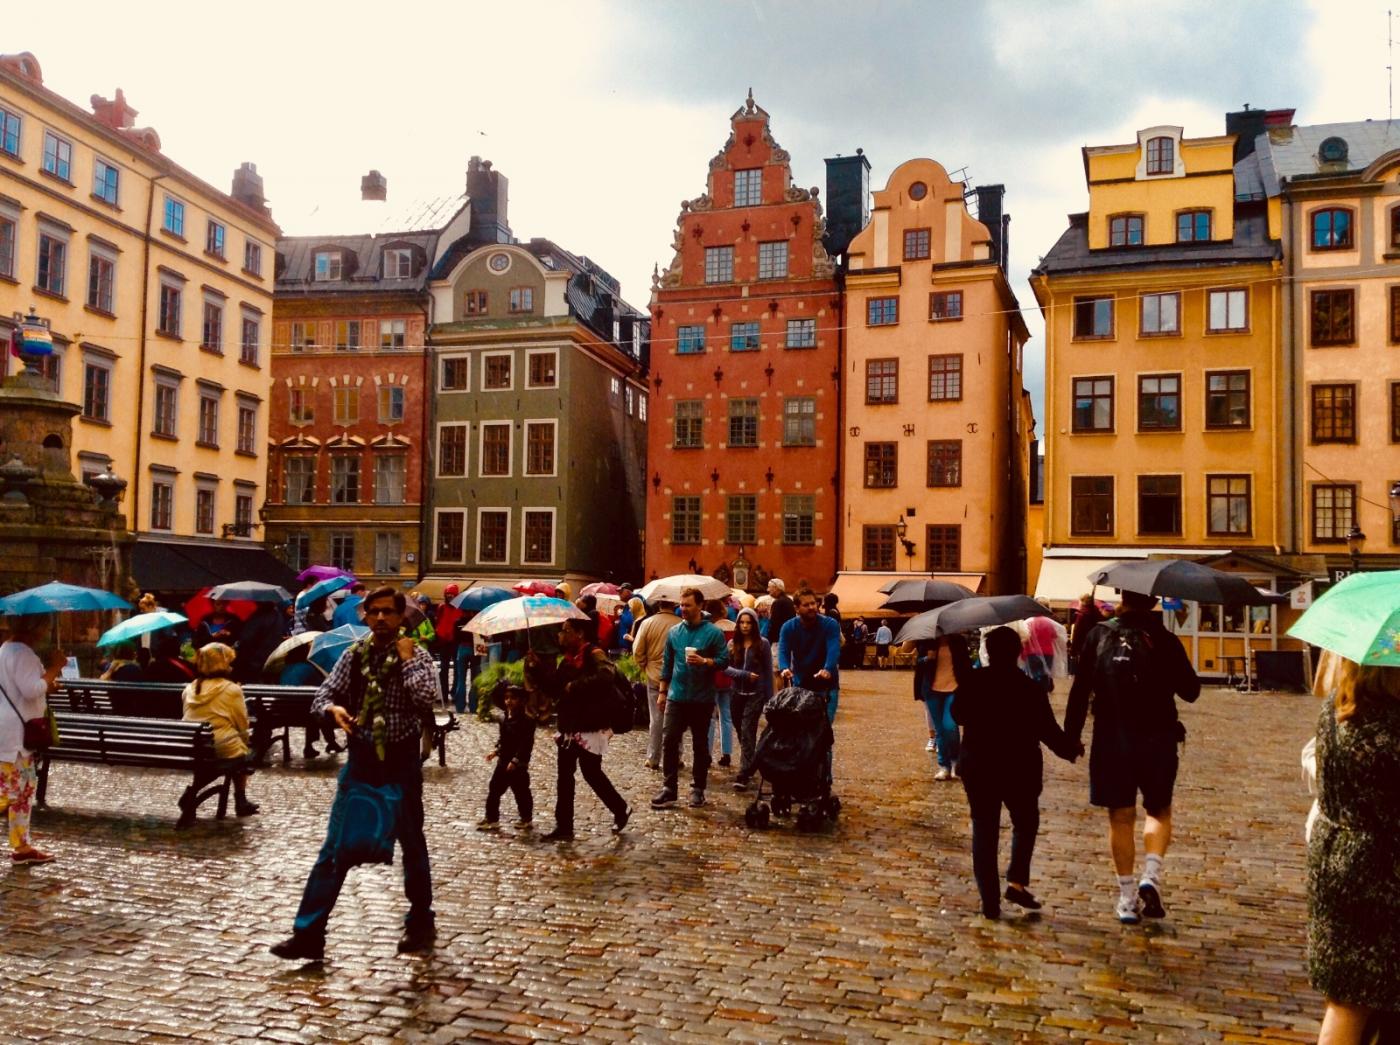 《摄影》老城旧影-斯德哥尔摩_图1-3